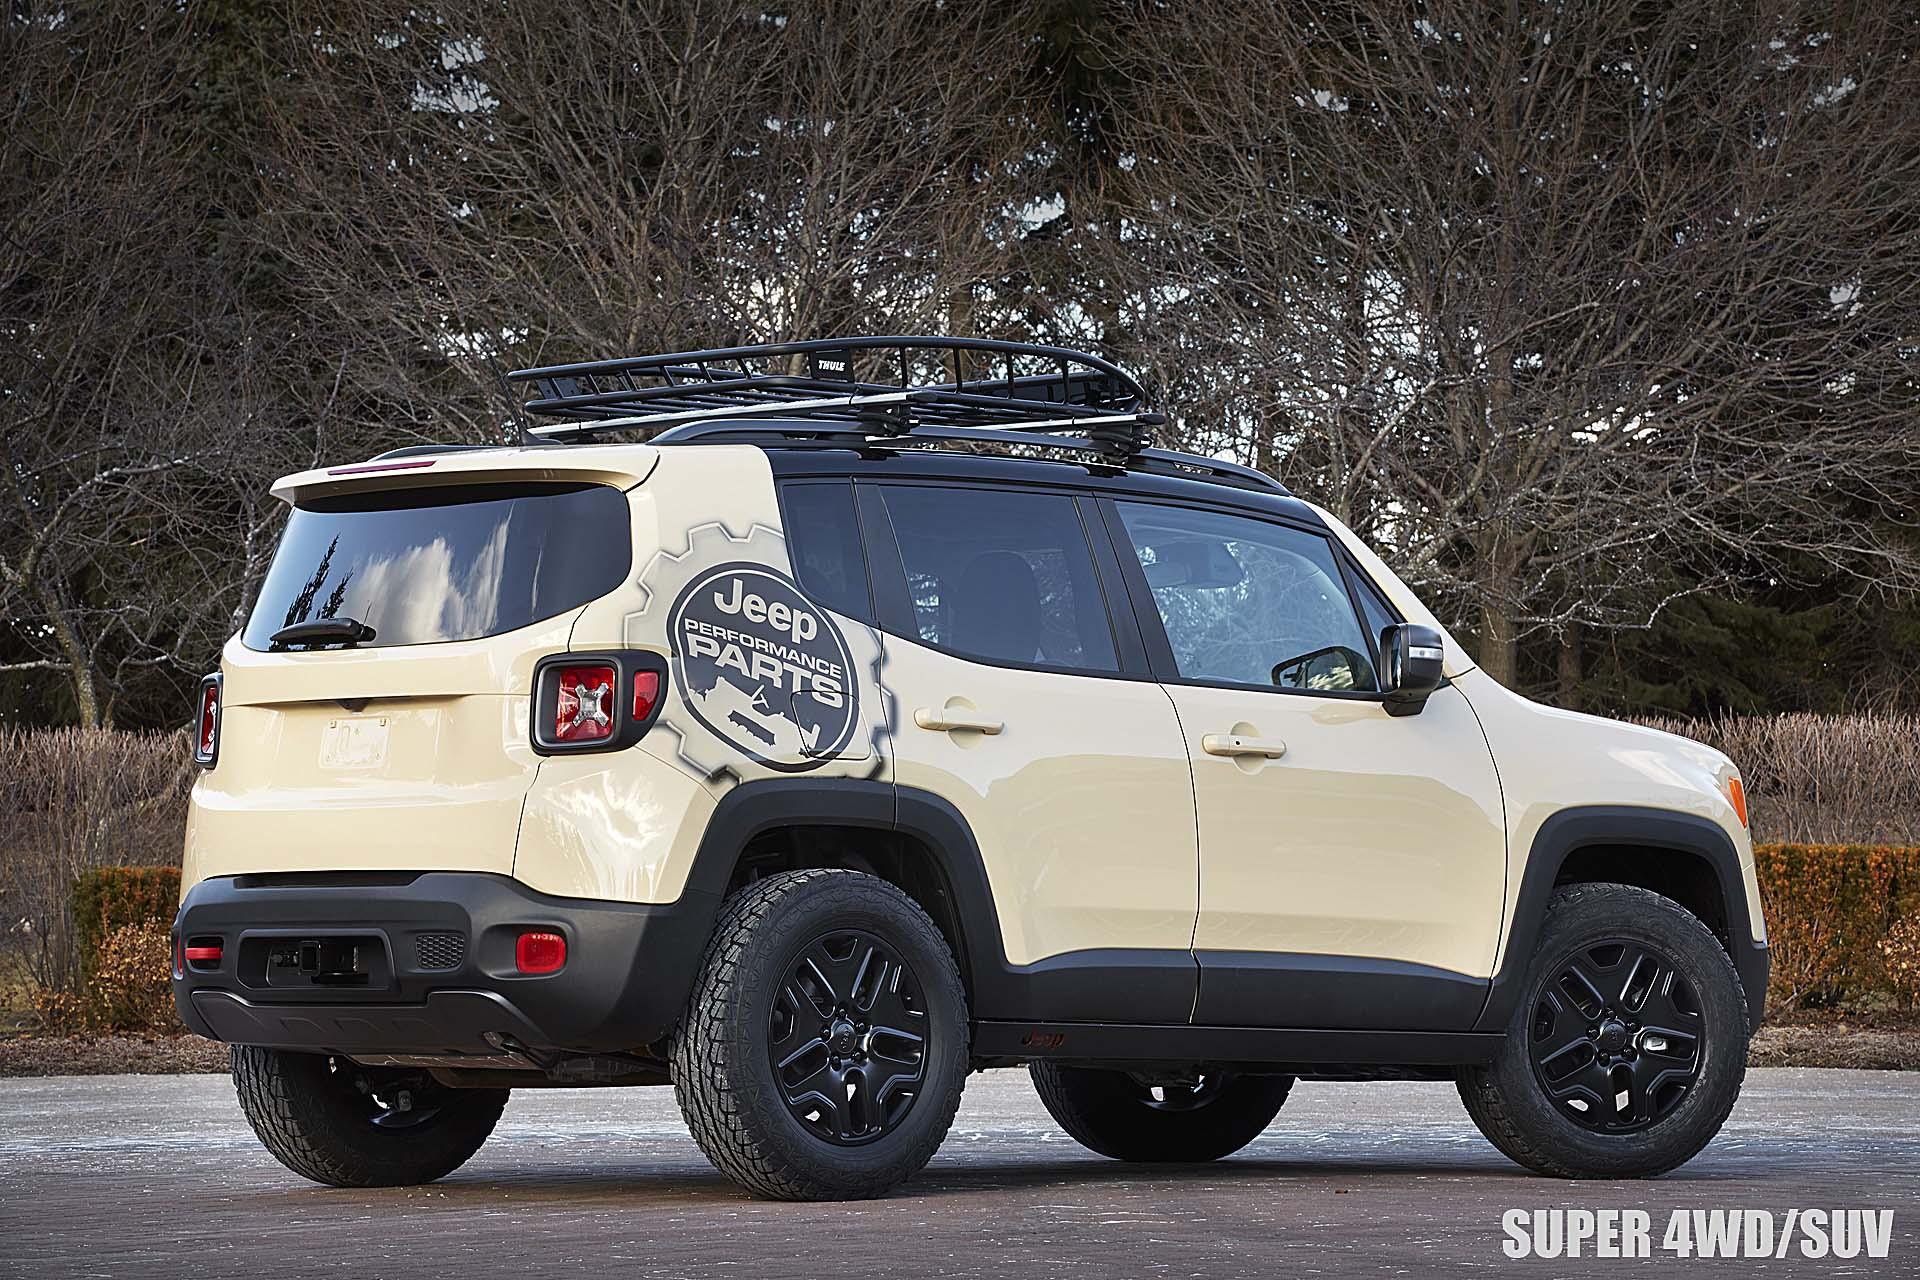 Jeep Renegade Desert Hawk >> ジープレネゲード。面白くカスタムしてみませんか? | ライオンハート